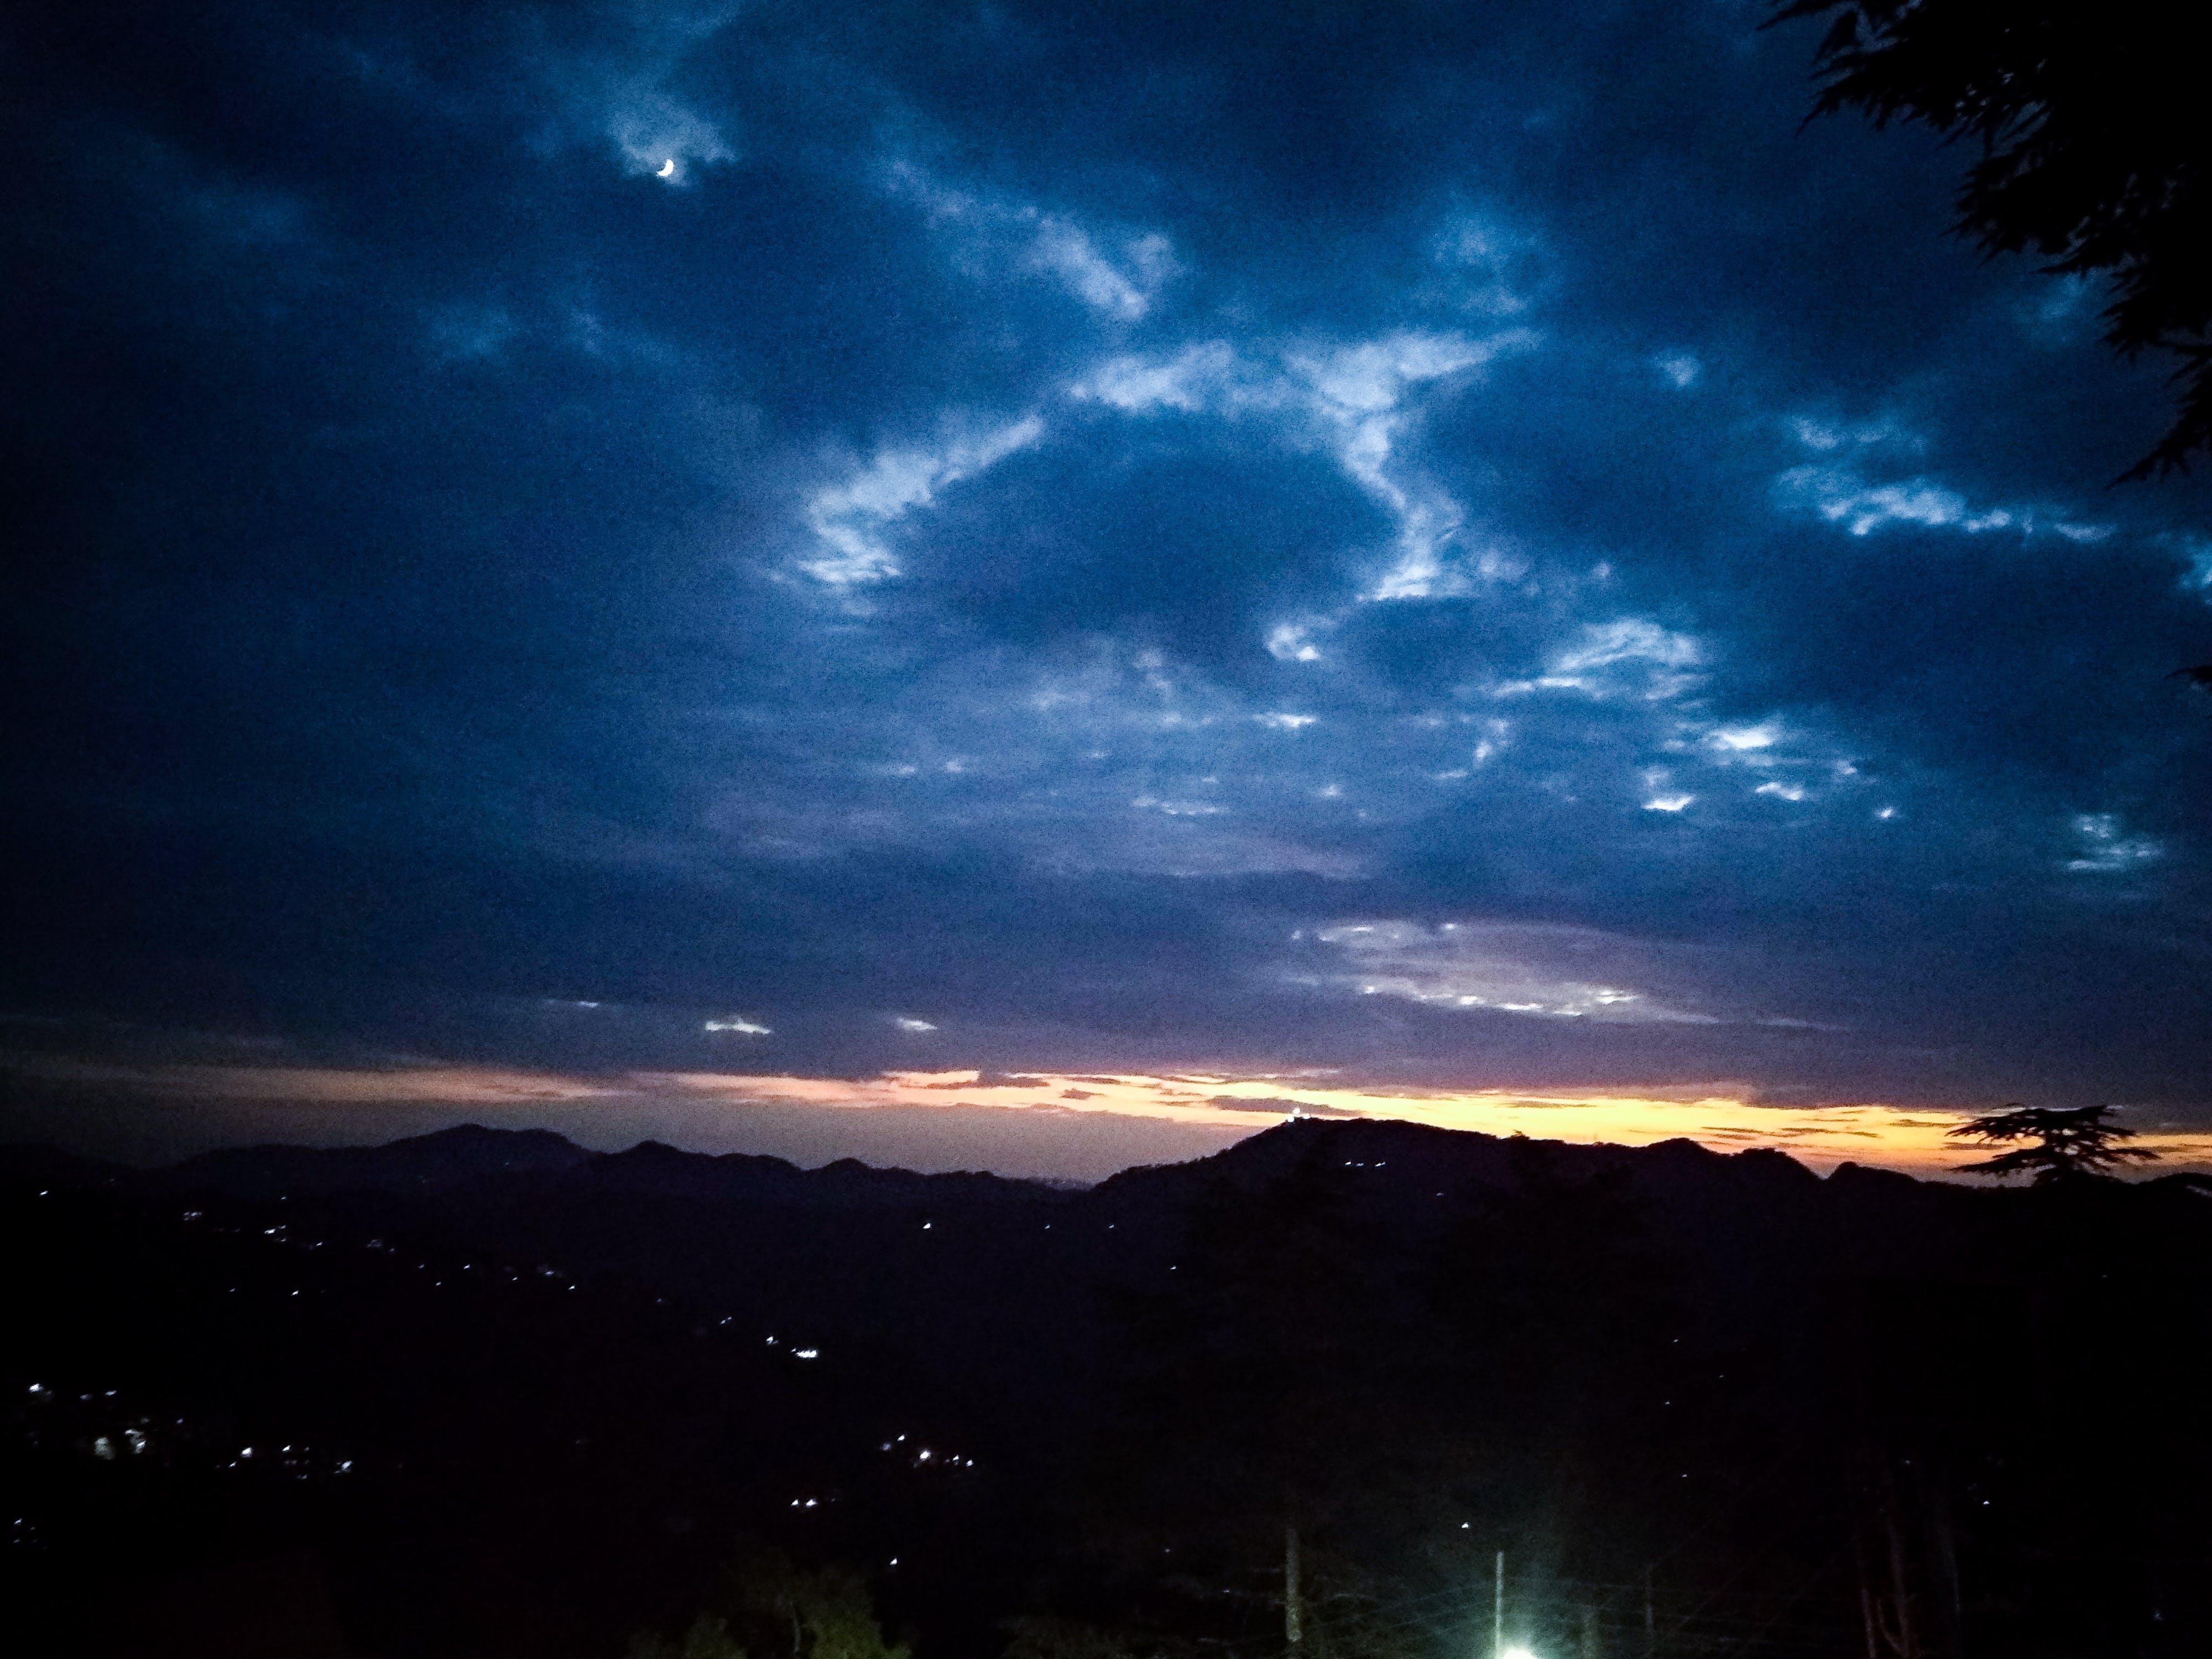 Photos gratuites de beauté dans la nature, coucher de soleil, fond de nature, météo